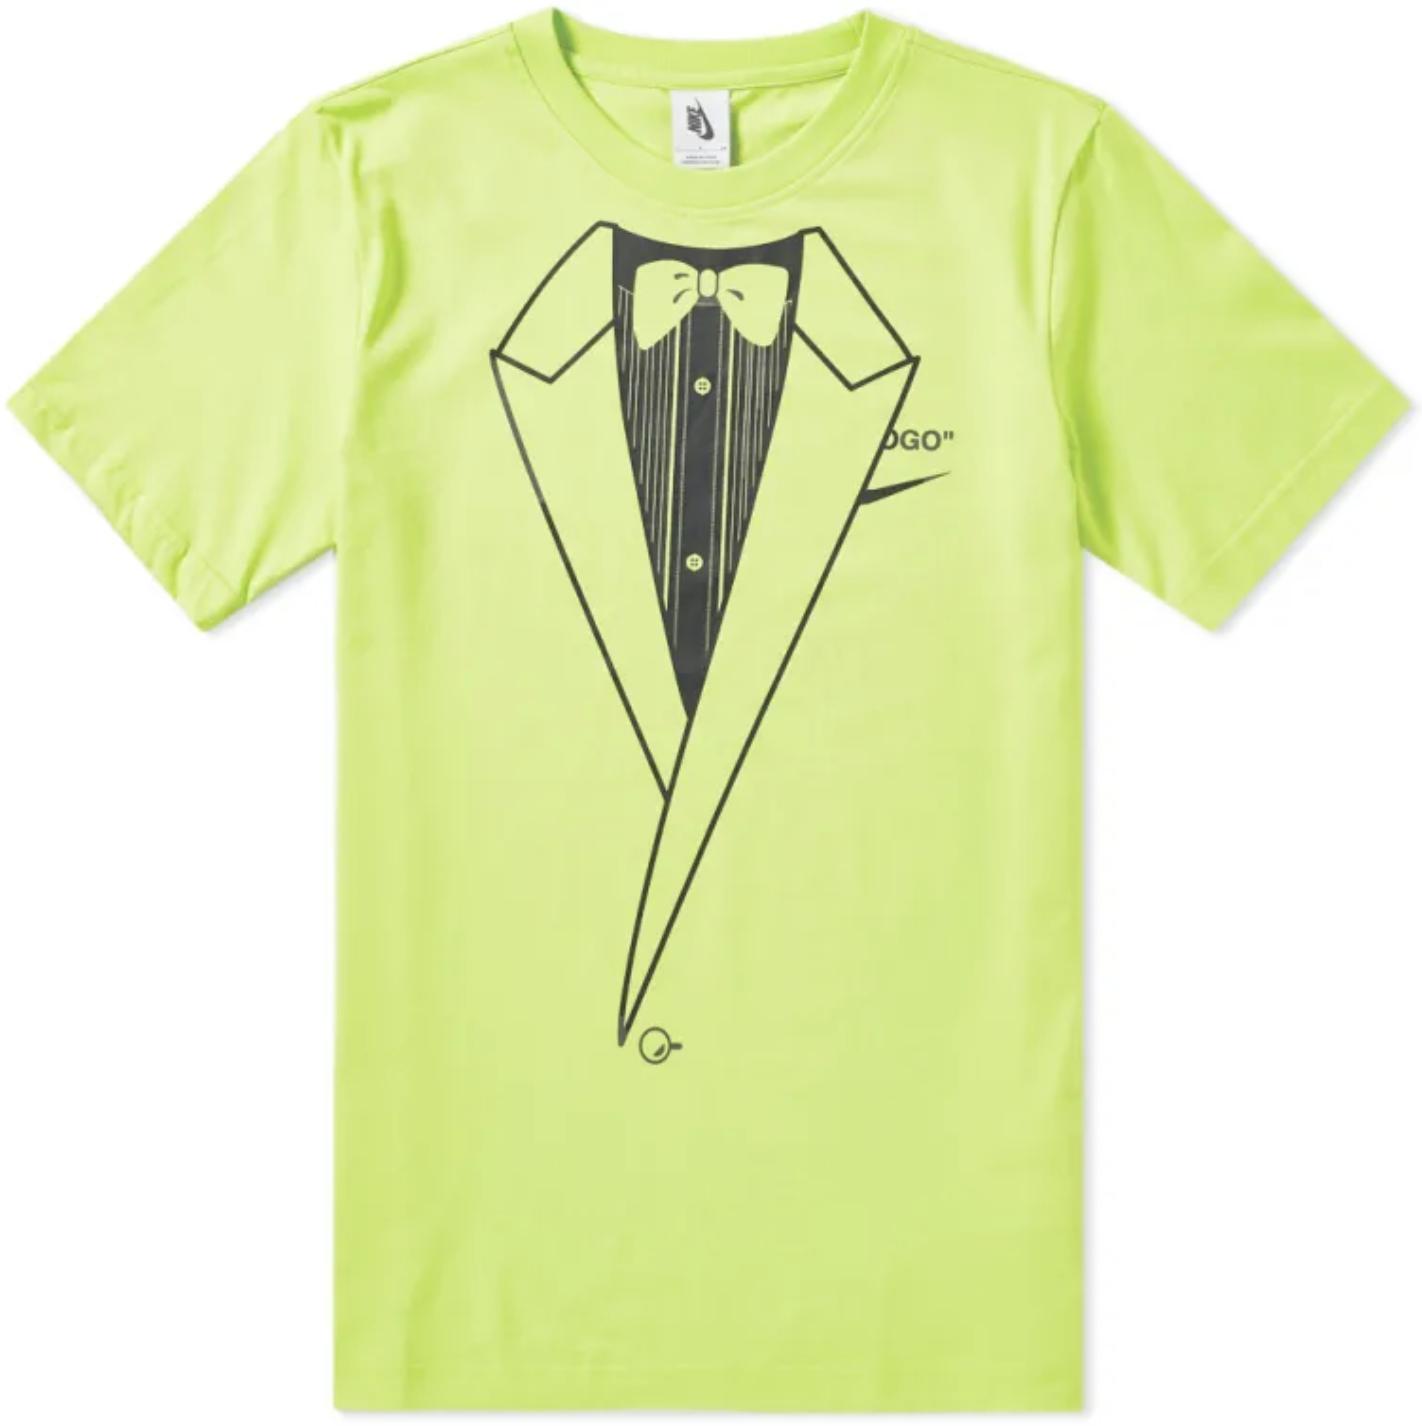 OFF-WHITE x Nike NRG A6 Tee Lime Green